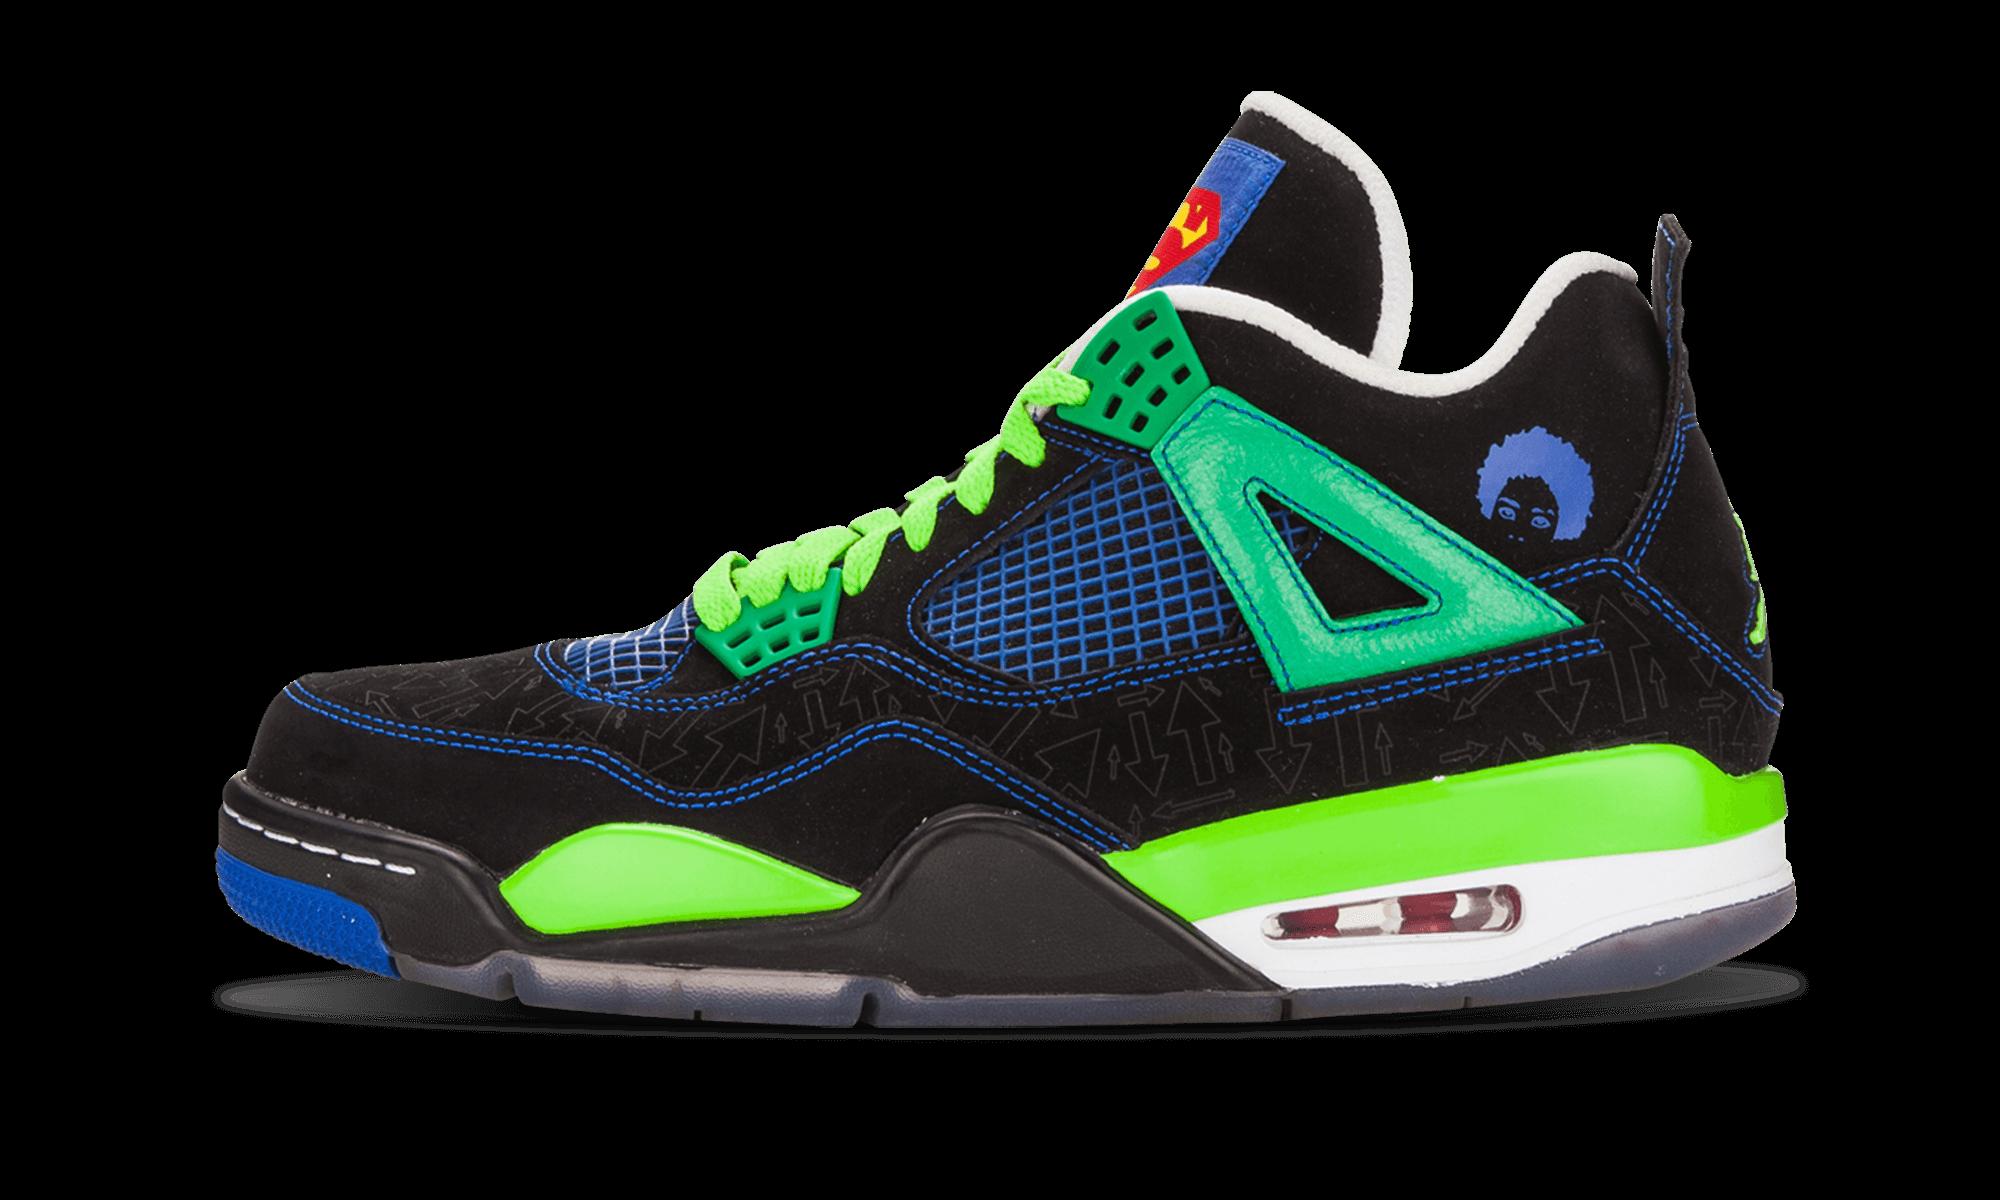 """Air Jordan 4 Retro """"Doernbecher"""" 308497 015 Air"""